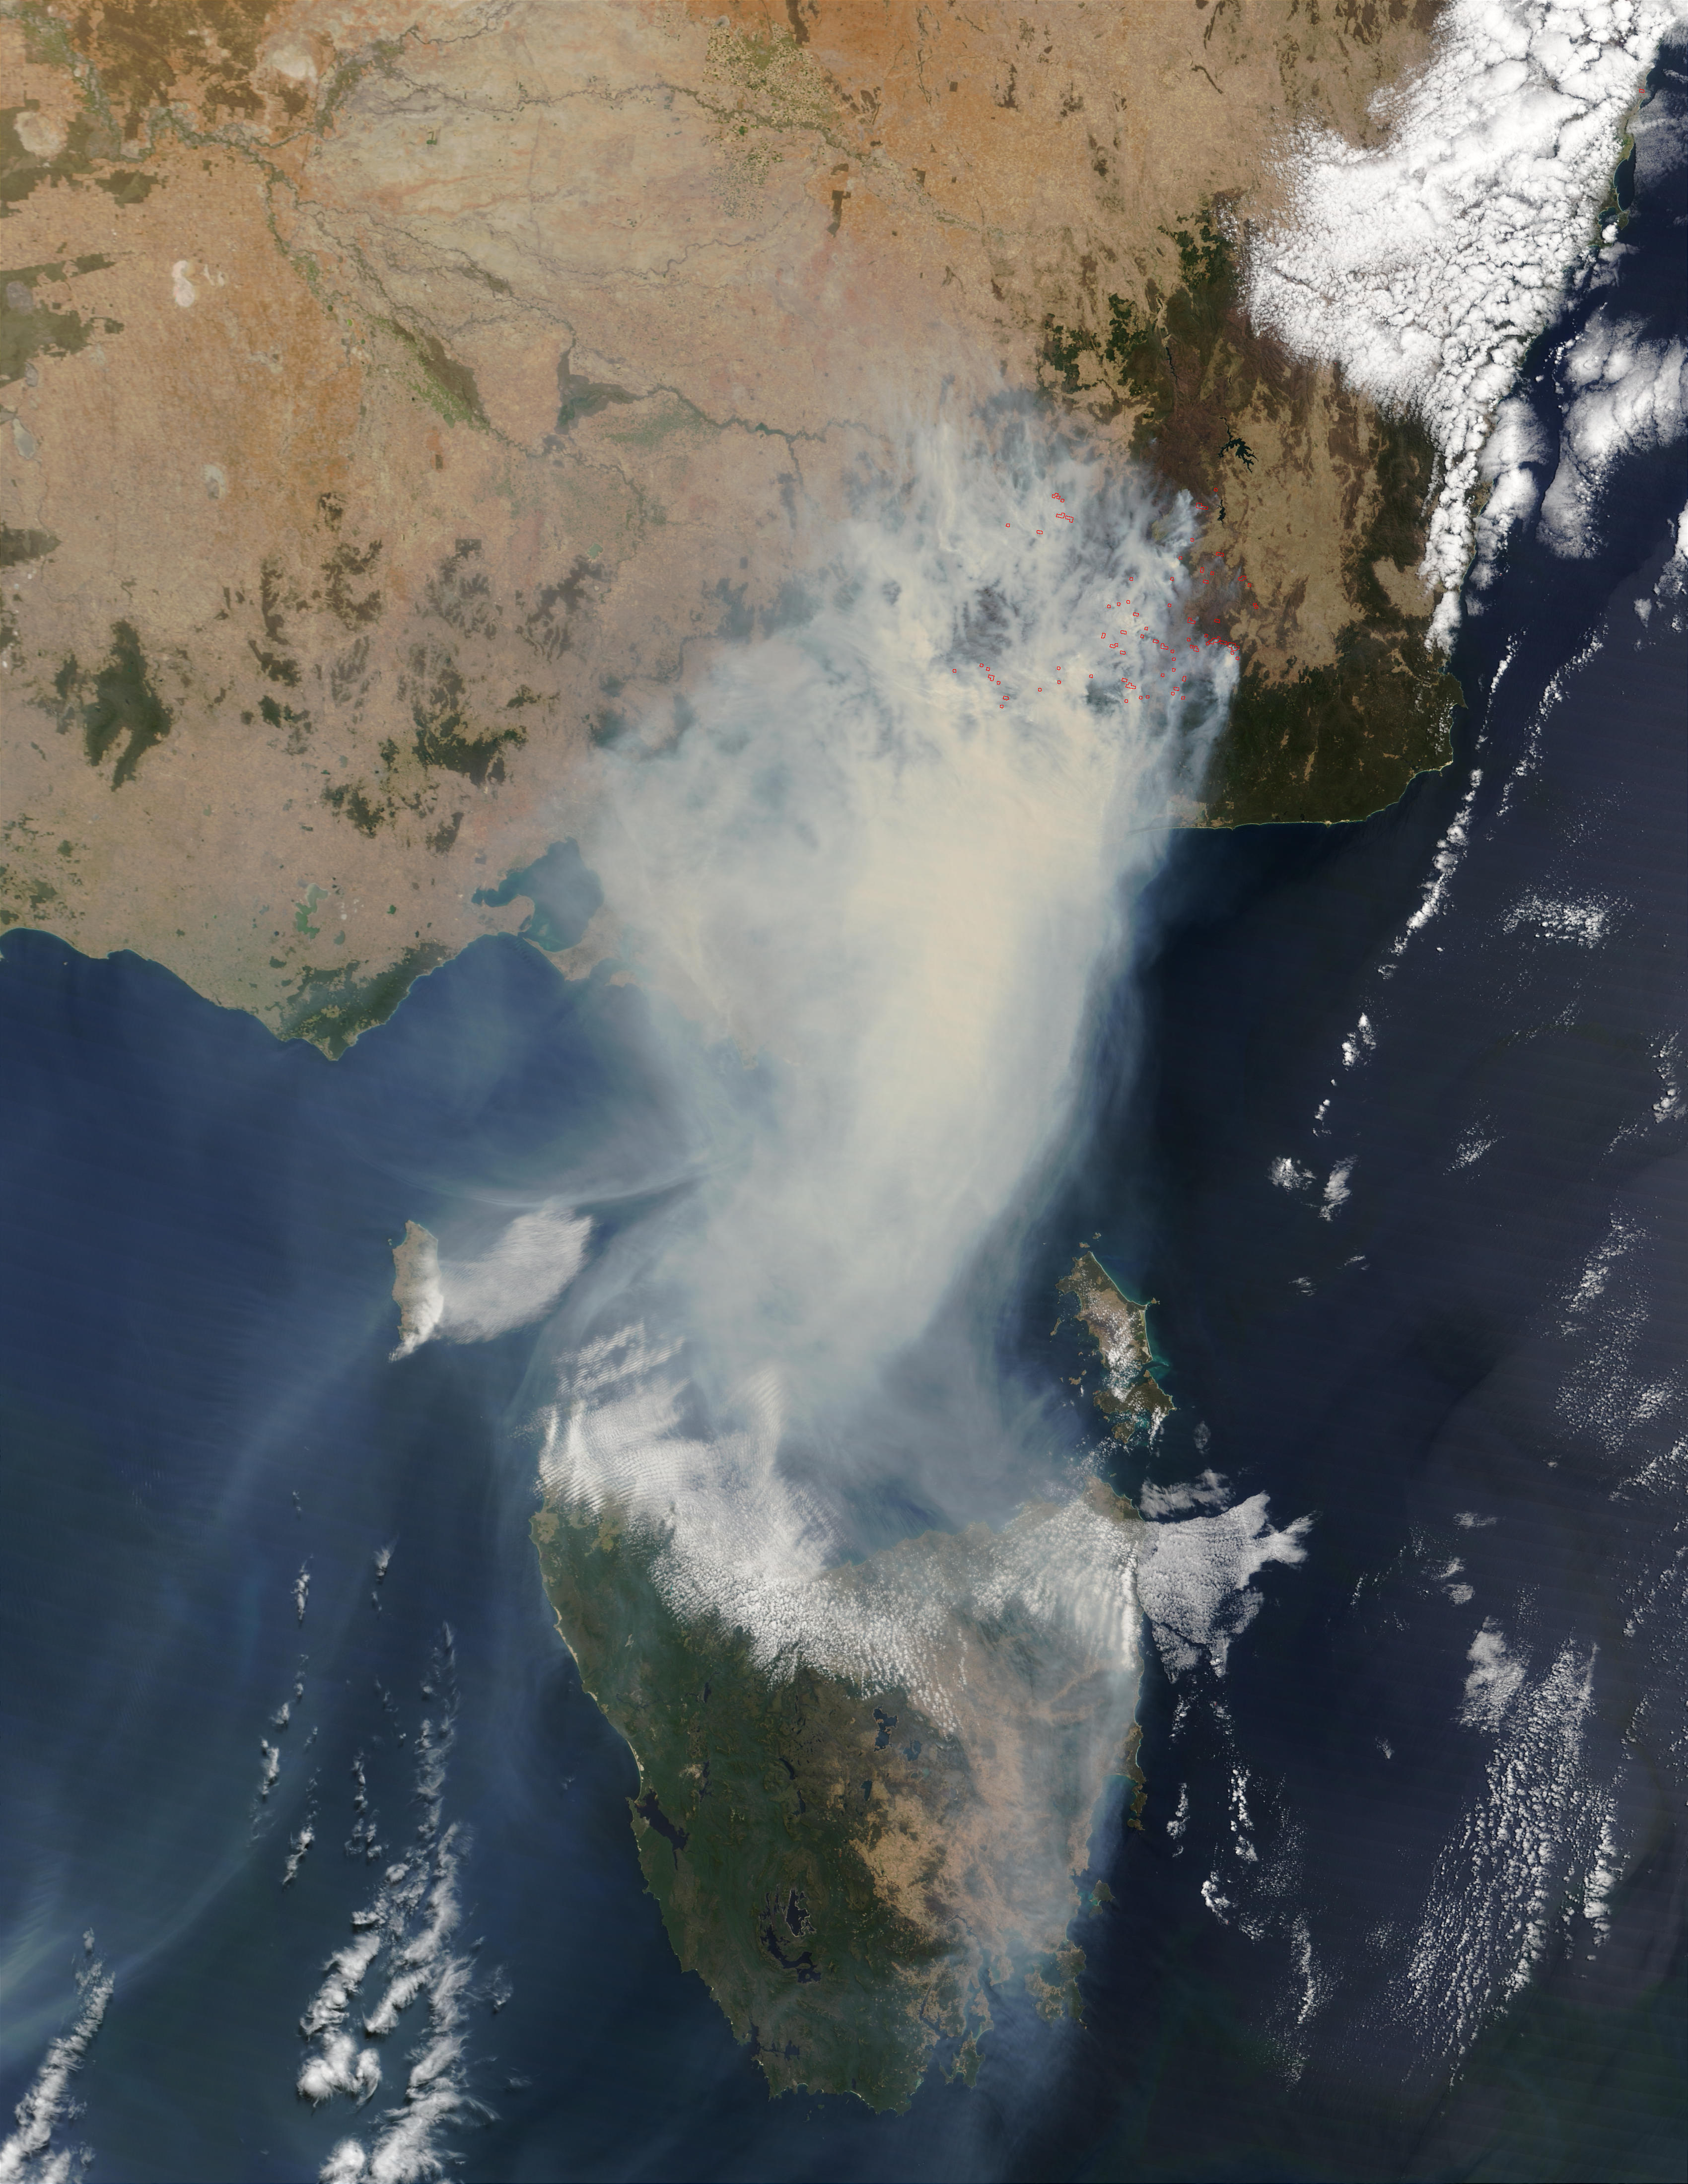 Incendios y humo en el sureste de Australia (seguimiento satelital de la mañana)